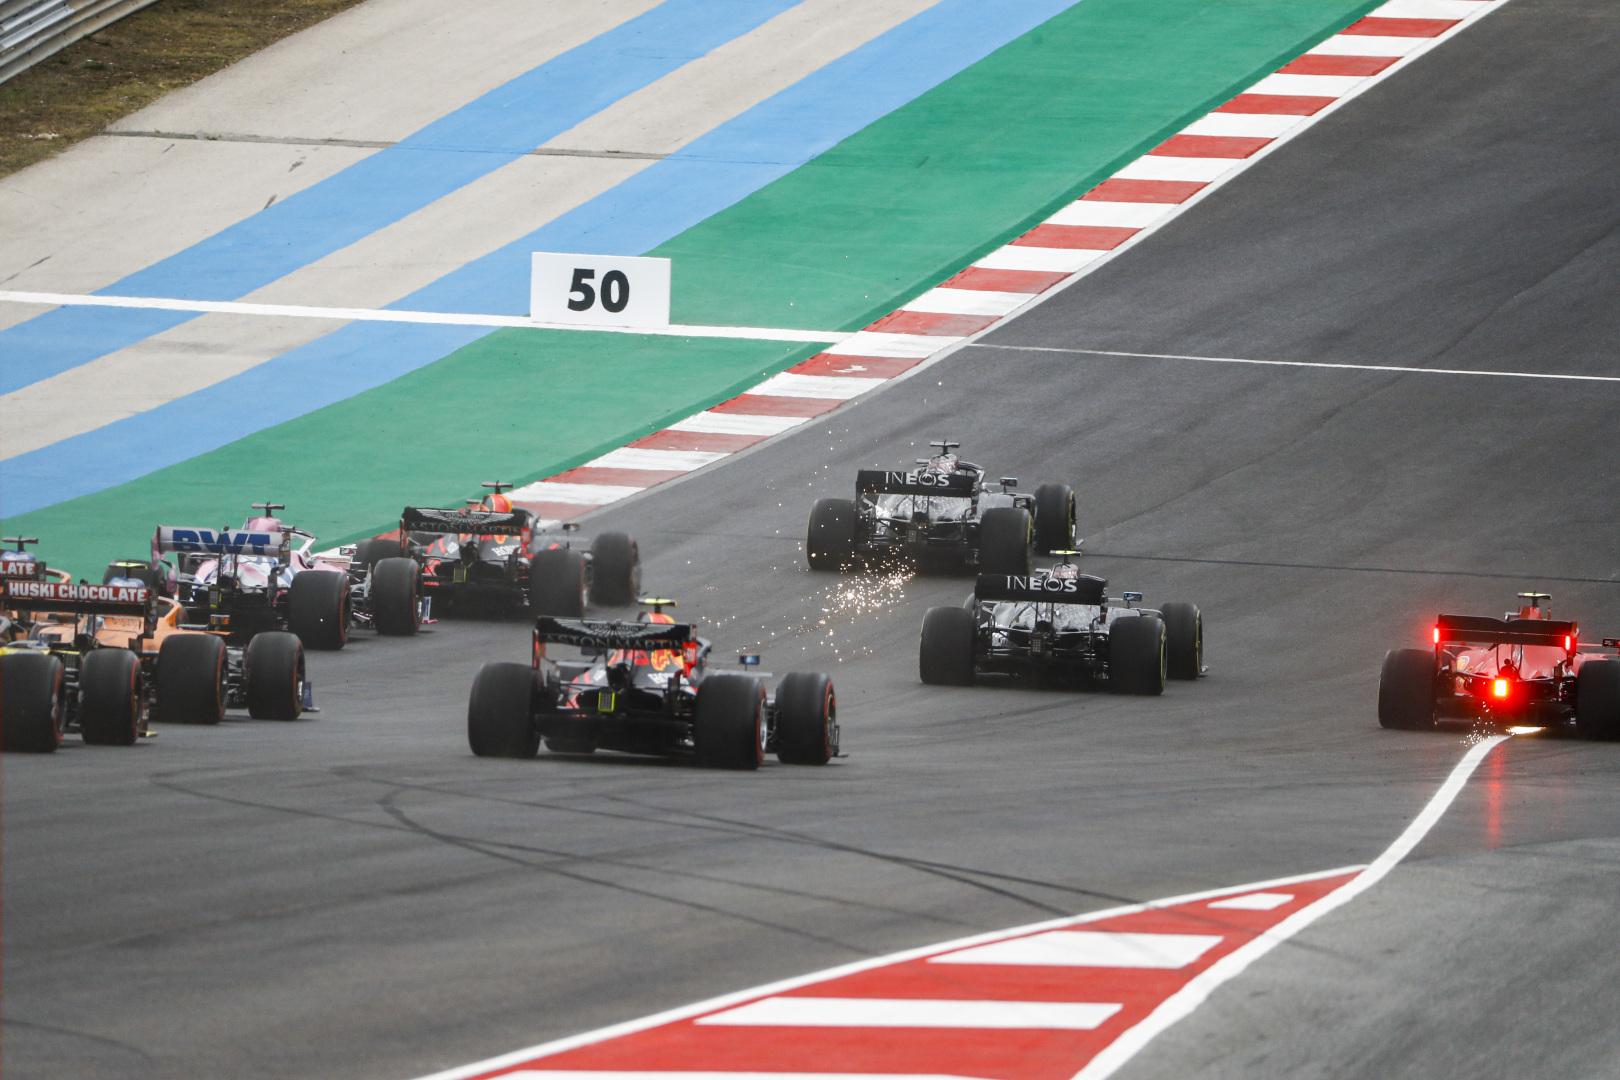 Körvonalazódik a jövő évi F1-es naptár